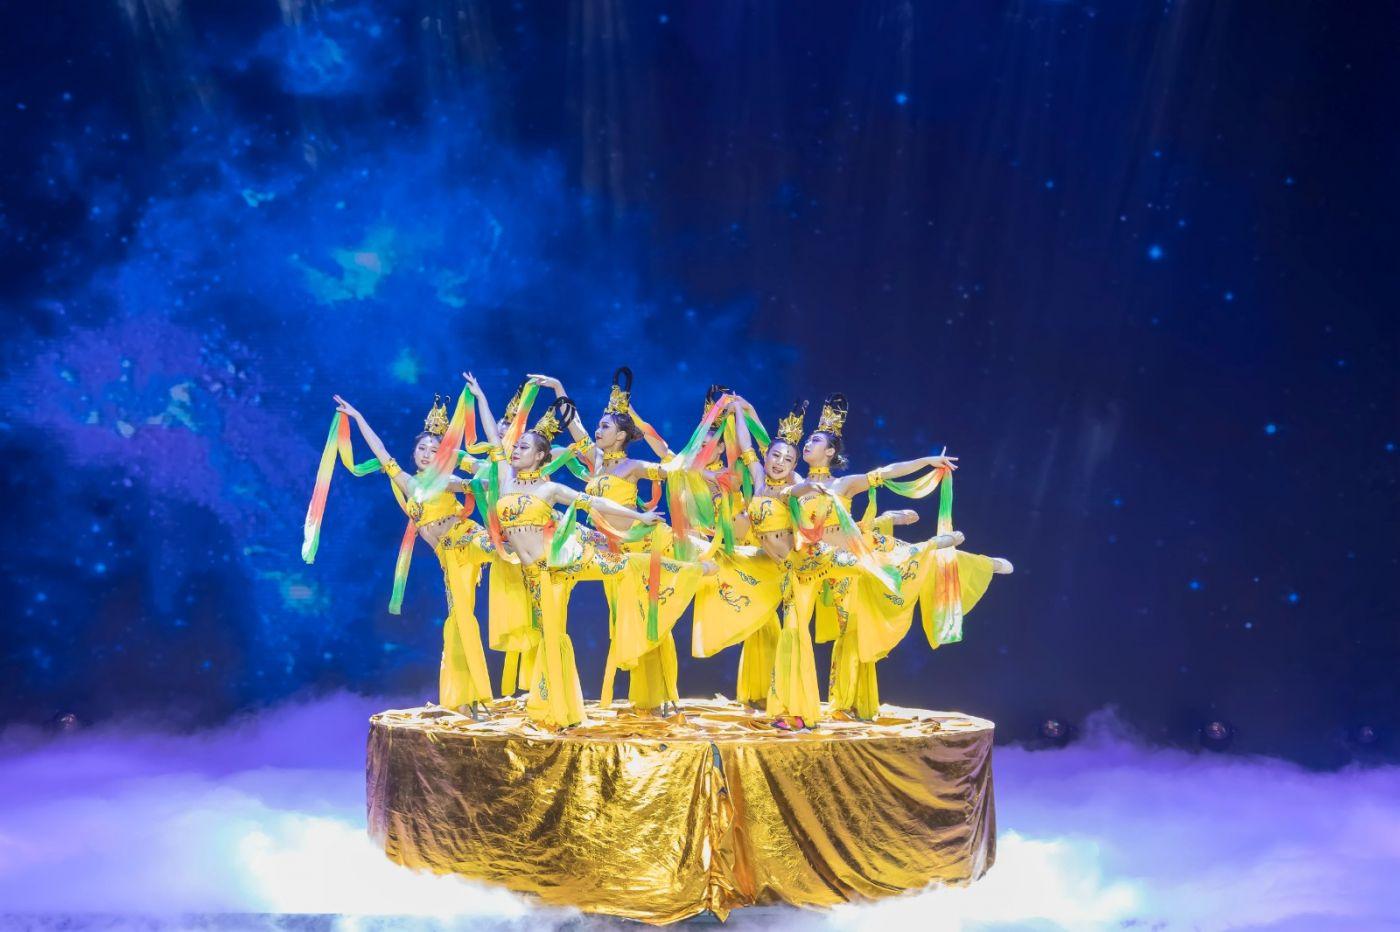 沂蒙大地上 有一种舞蹈叫飞天 这是几位临沂女孩的杰作 美轮美奂 ..._图1-13